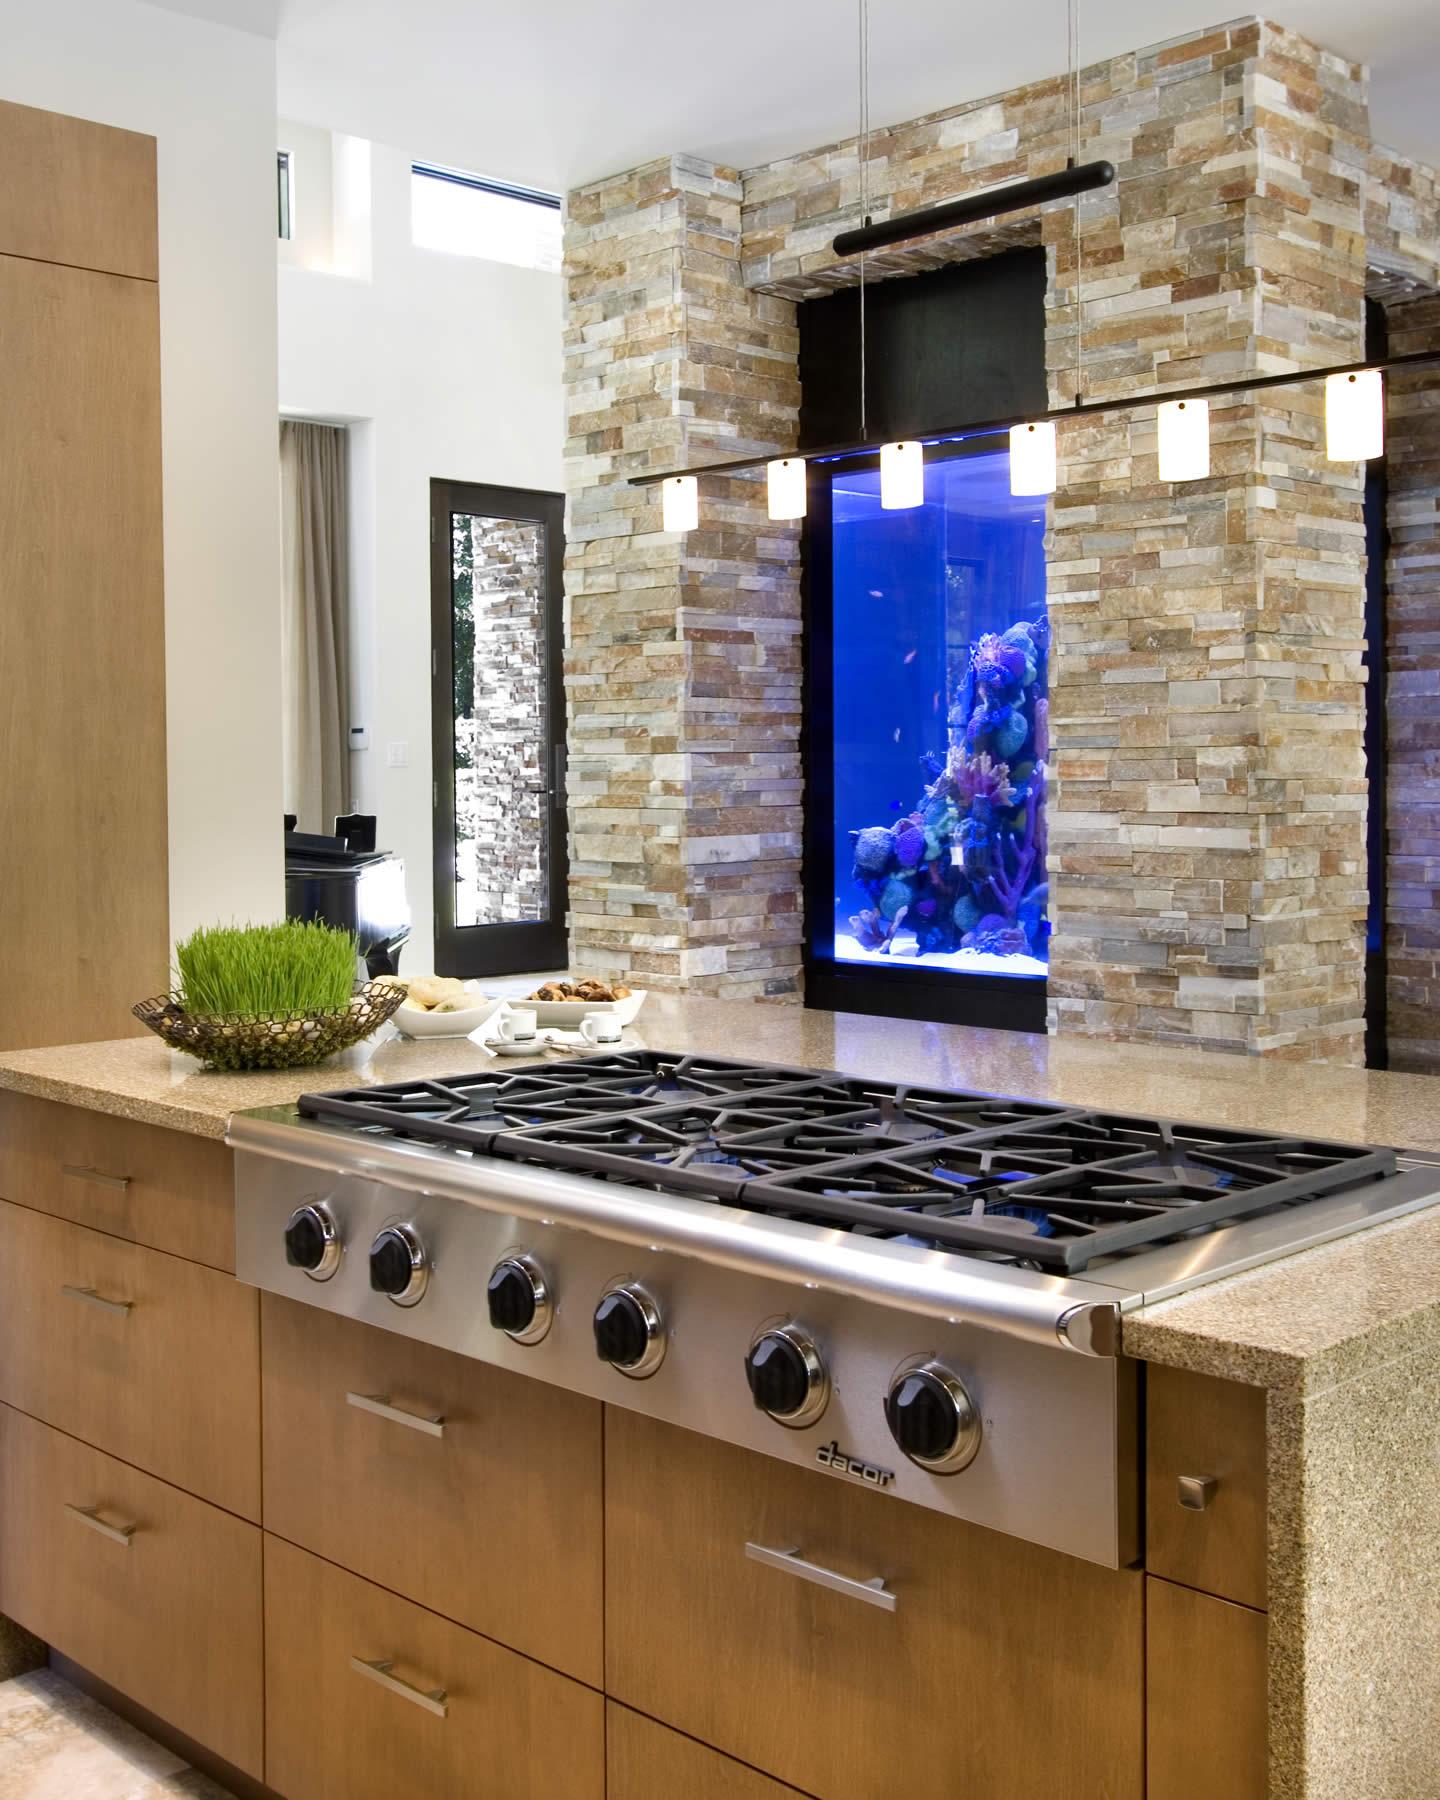 किचन में खाली स्पेस है तो आप वहां भी एक्वेरियम रख सकते हैं।